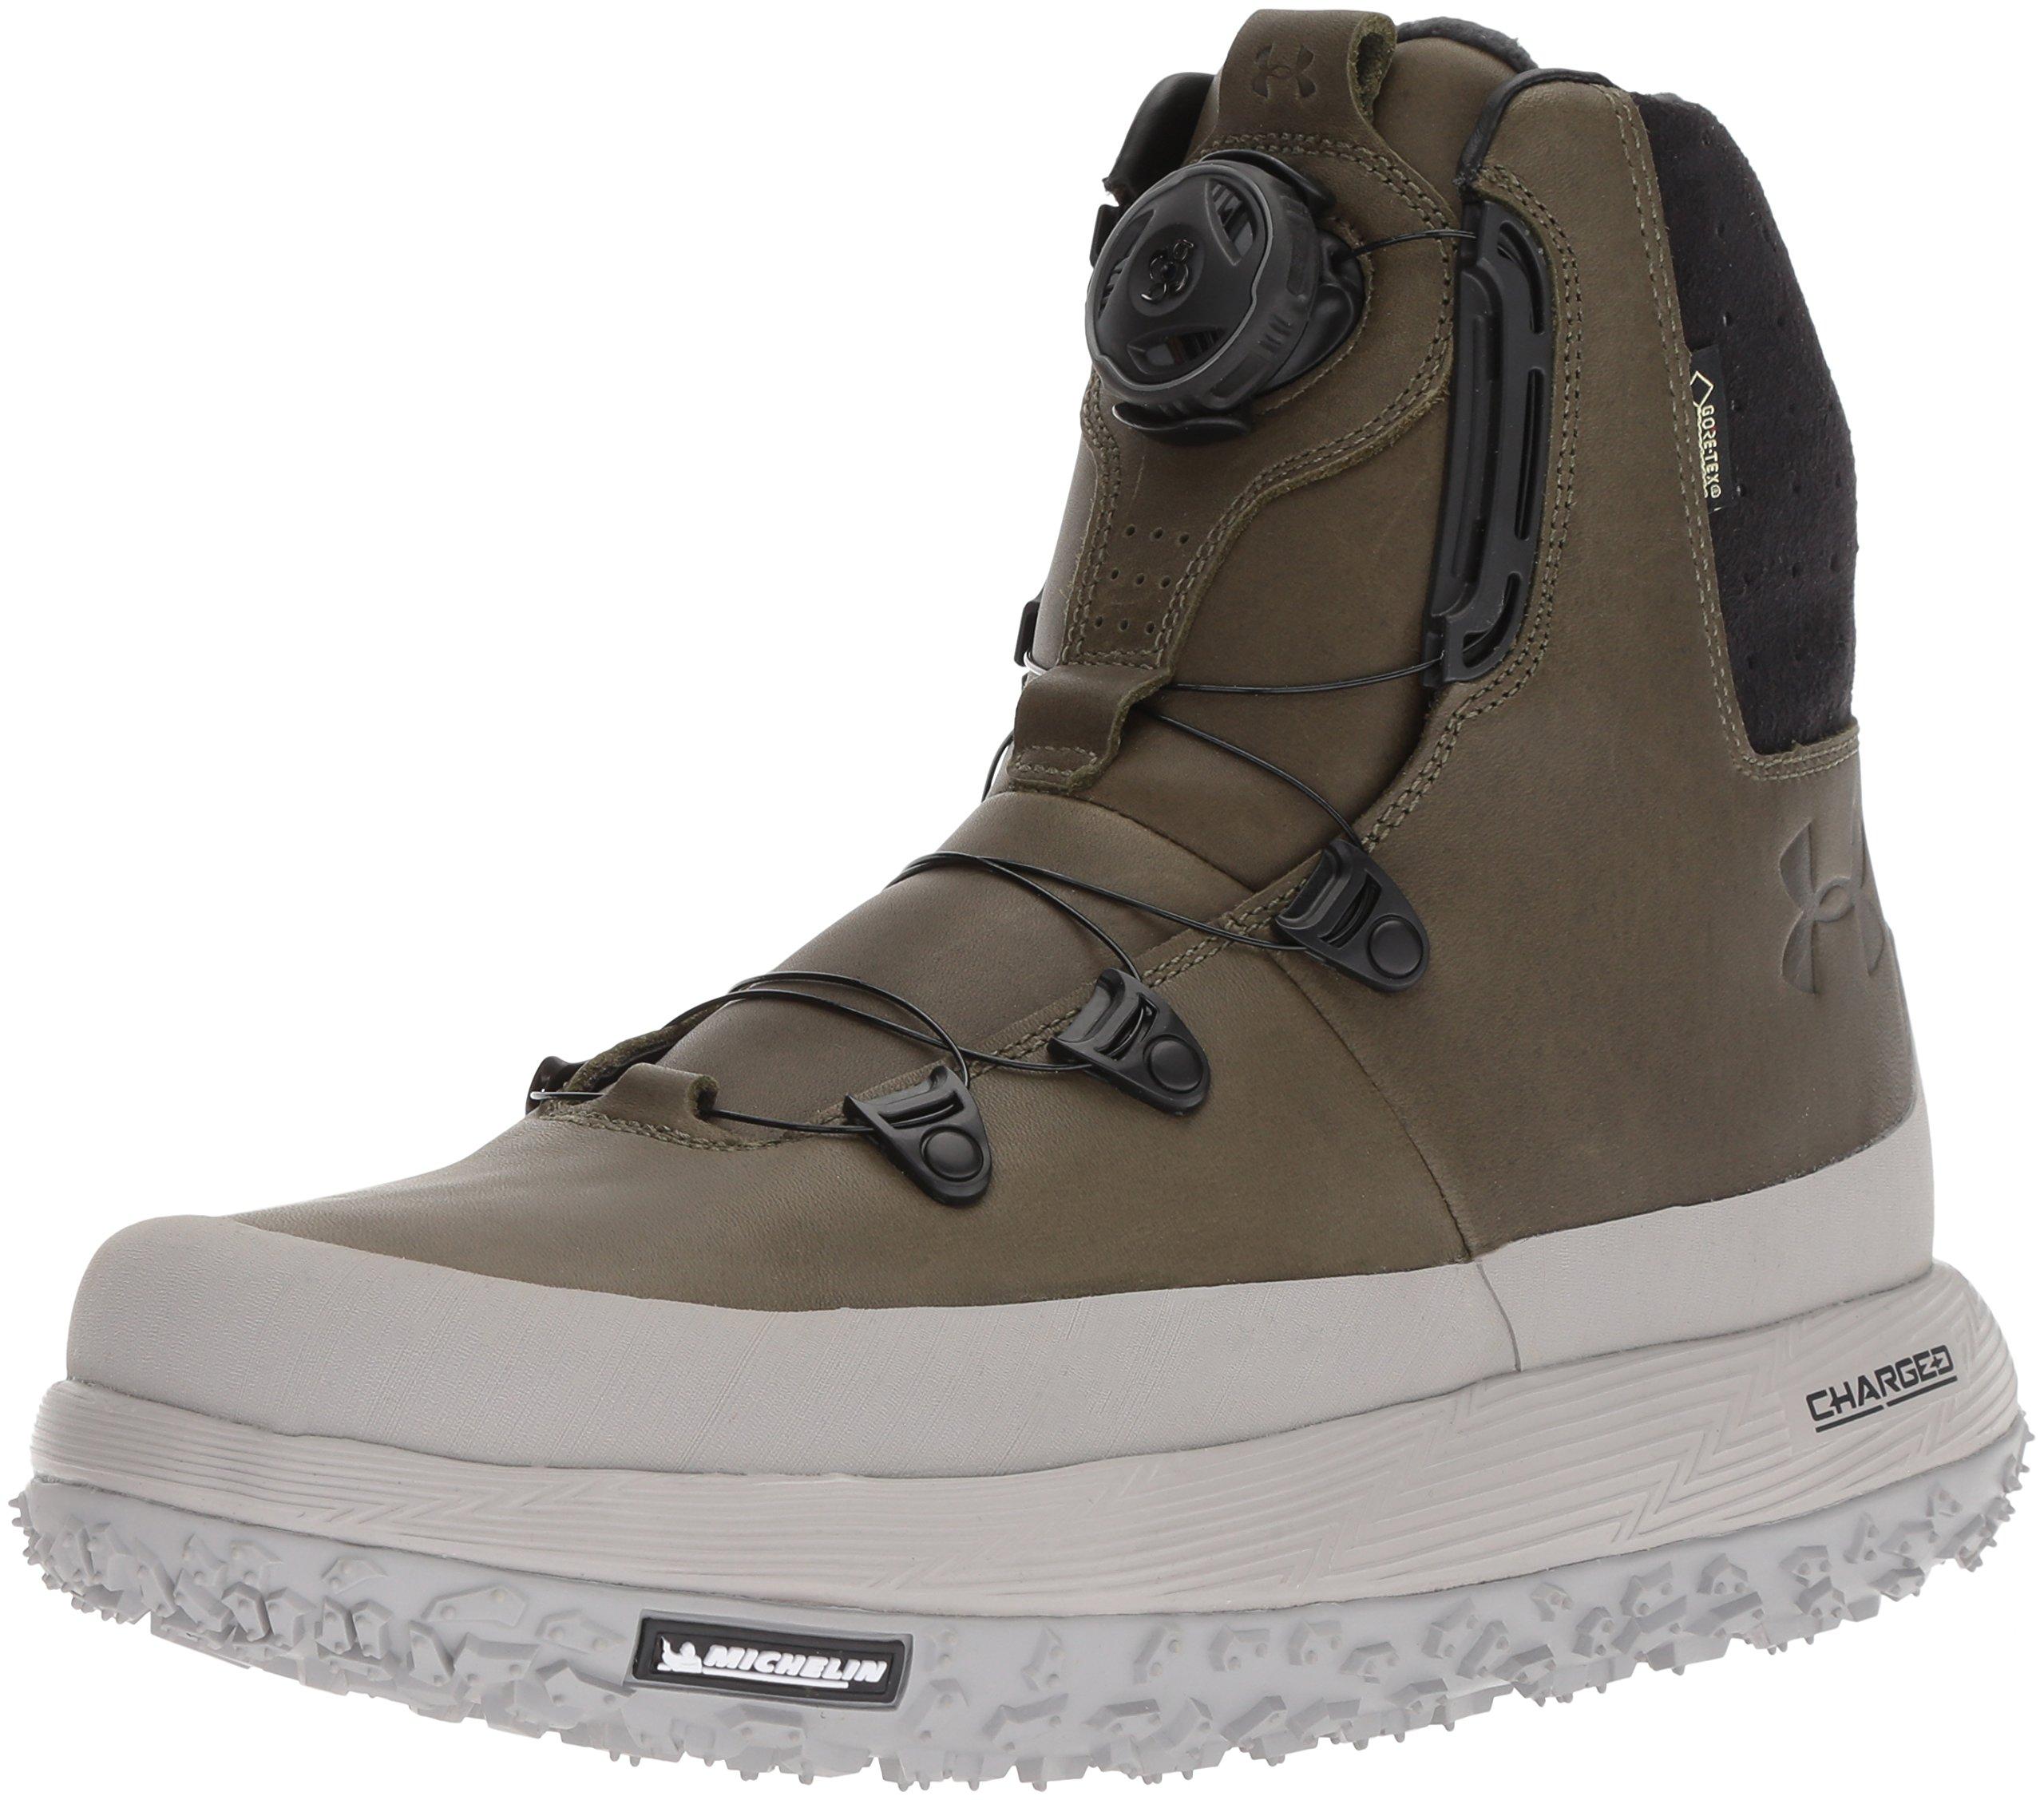 0bb7da79ab7 Under Armour Men's Fat Tire Govie Boa Hiking Boot | Amazon